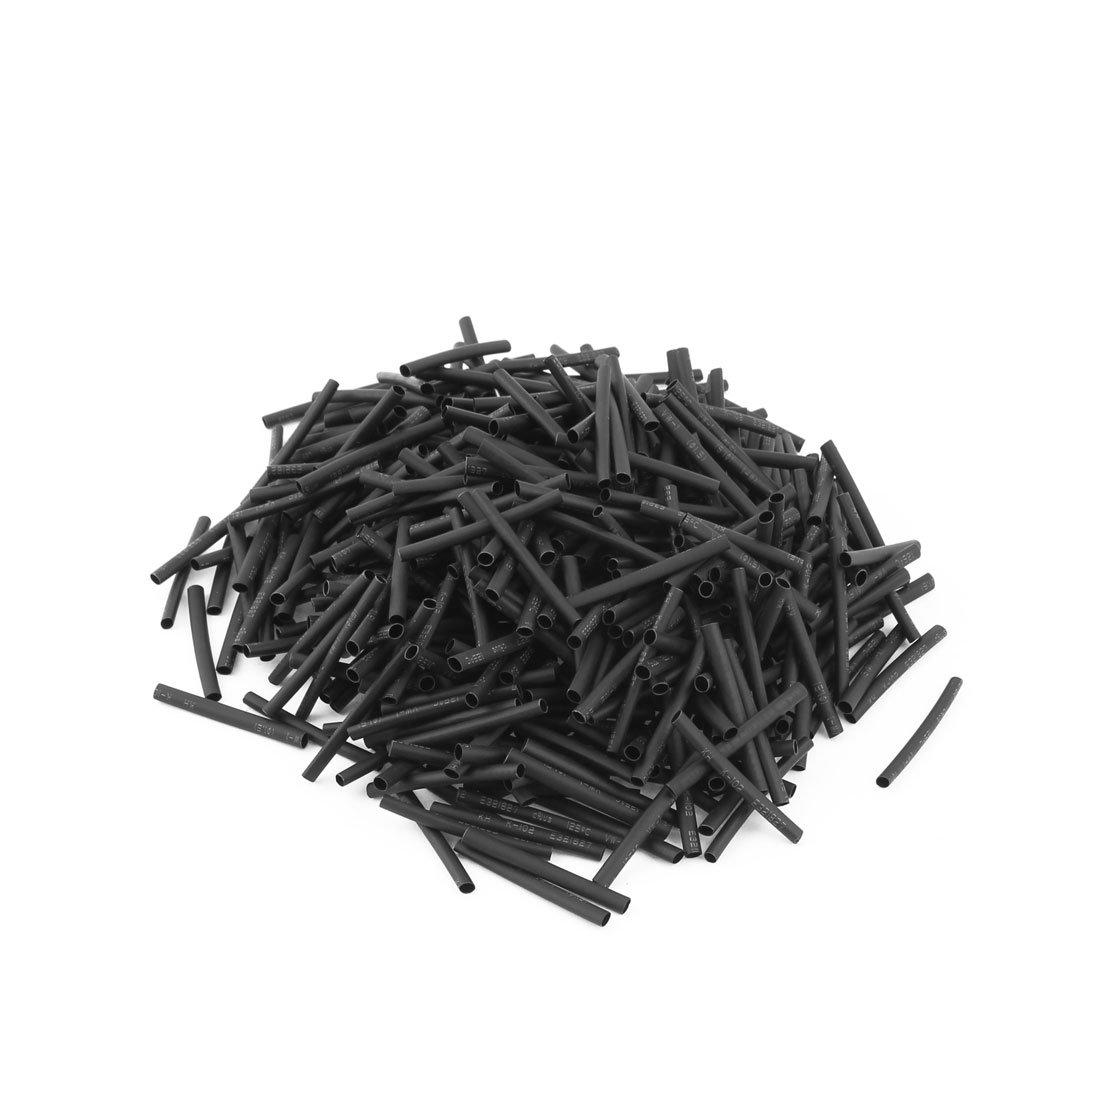 500 Stk Schwarz 1 mm Durchmesser 2:1 Polyolefin Schrumpfschlauch  30 mm